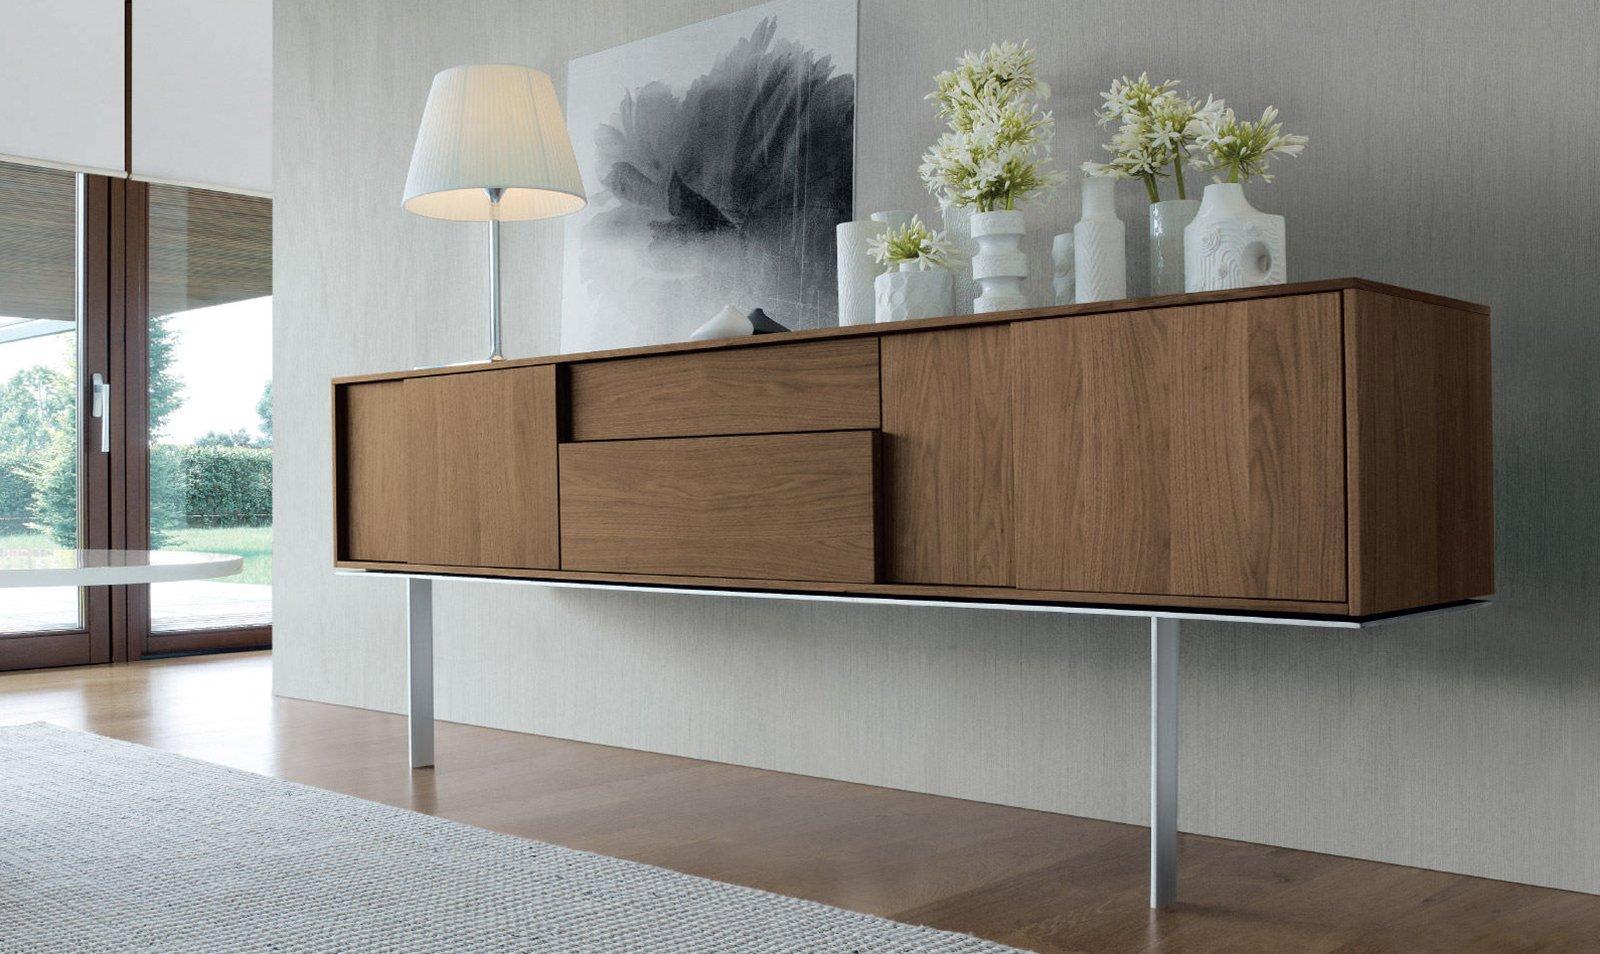 Madie mobili bassi per contenere cose di casa - La madia mobili ...